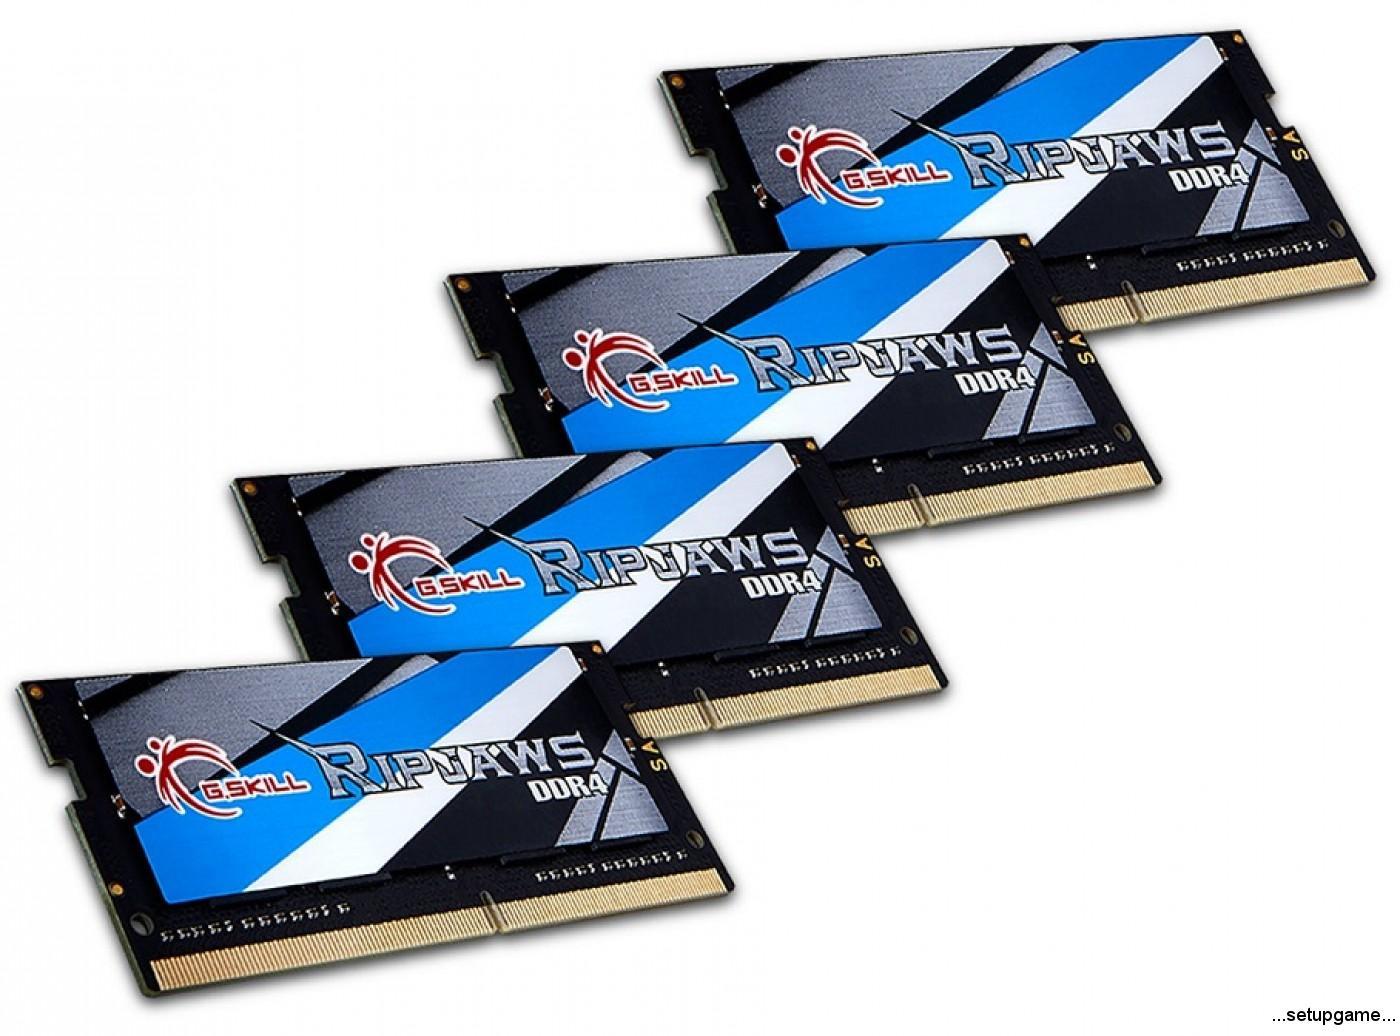 سریع ترین رم های SO-DIMM جهان از جی اسکیل معرفی شد